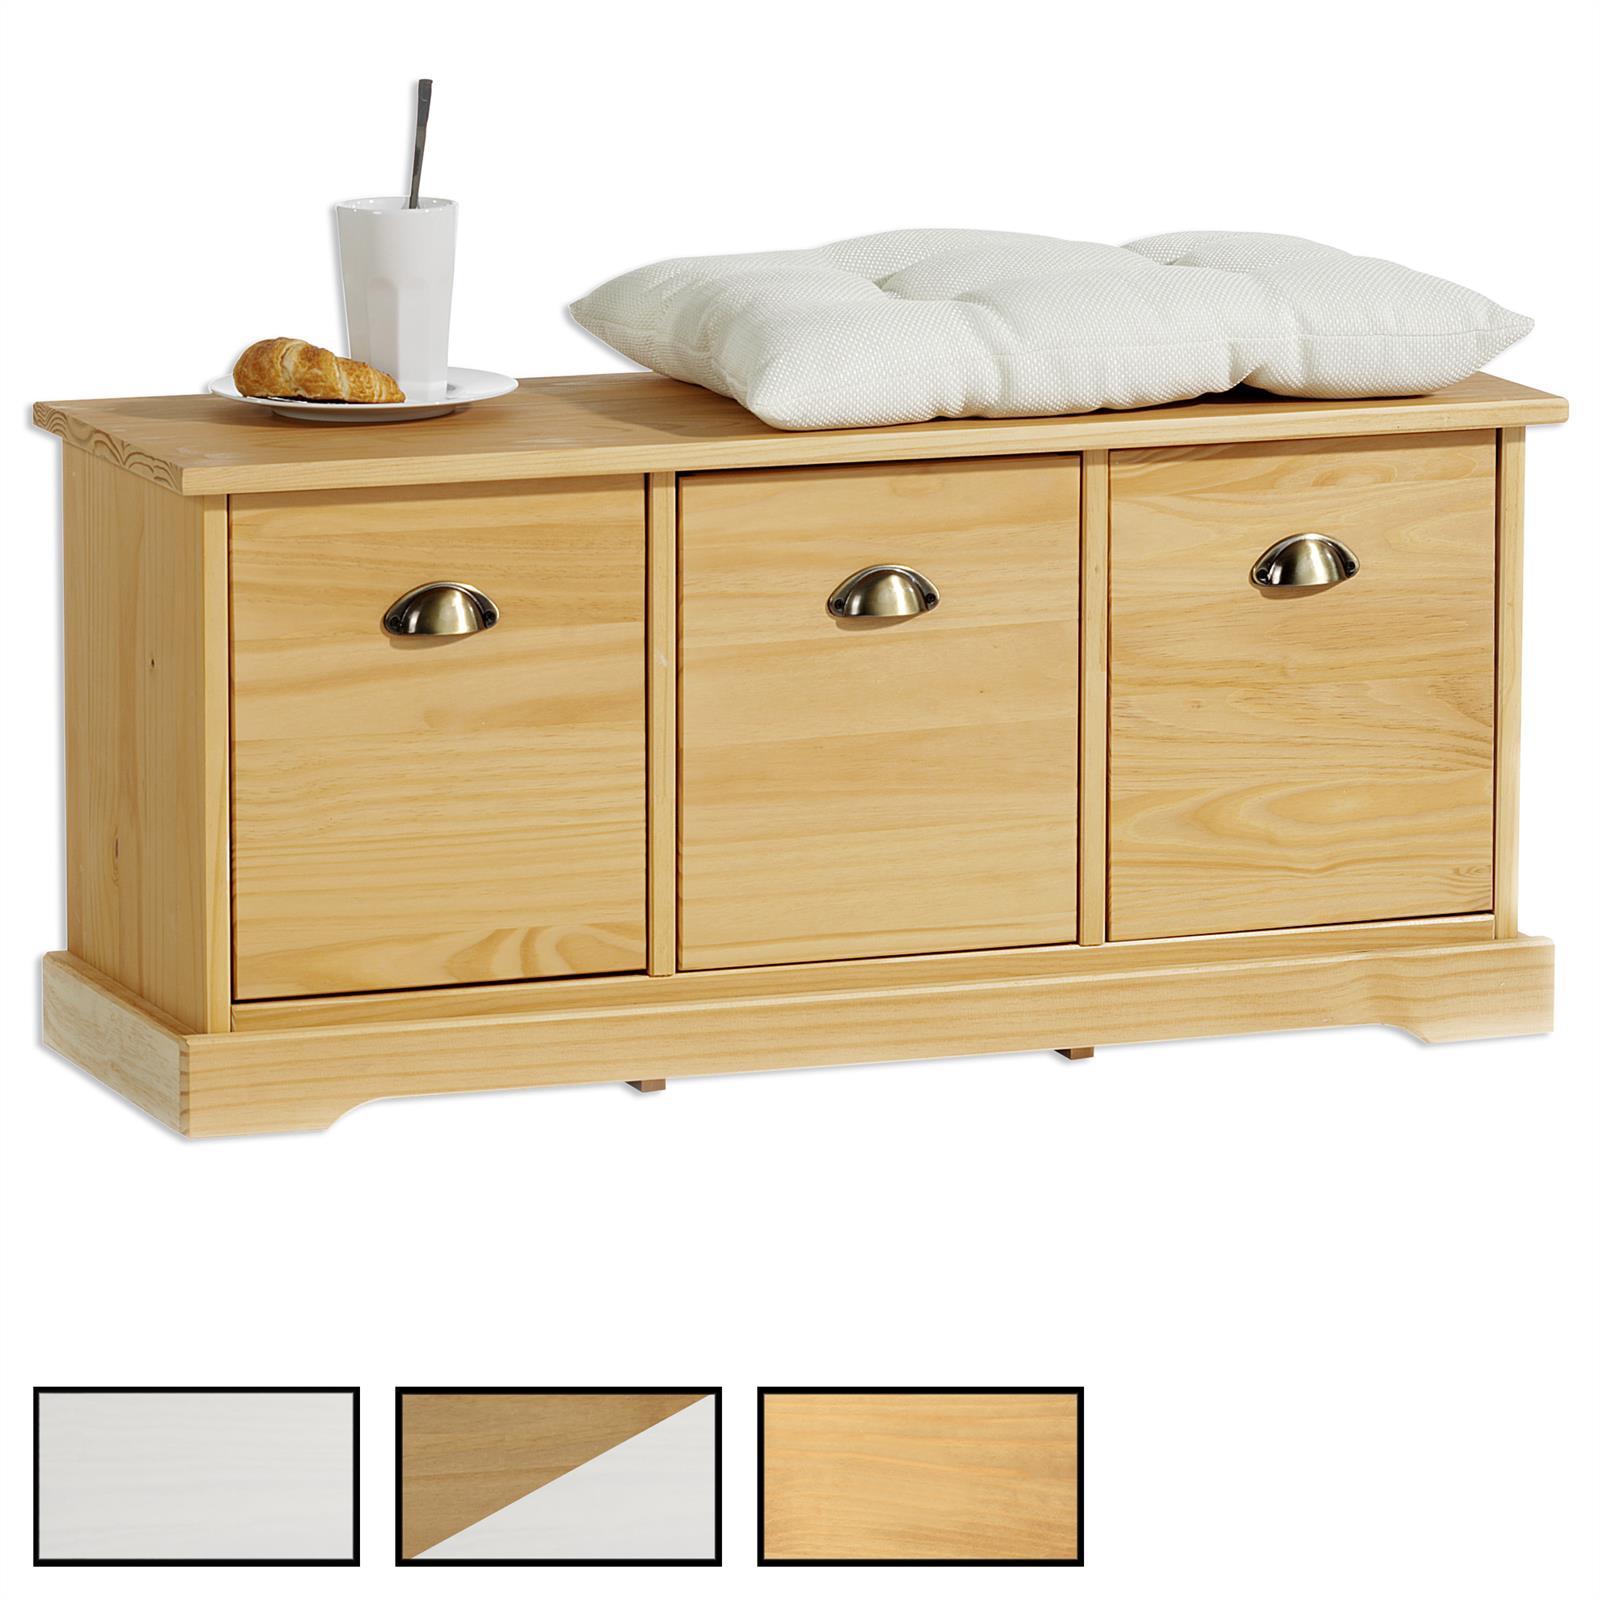 sitzbank mit schubladen f r k che 35 interessant h ngeschrank mit schubladen f r badezimmer. Black Bedroom Furniture Sets. Home Design Ideas